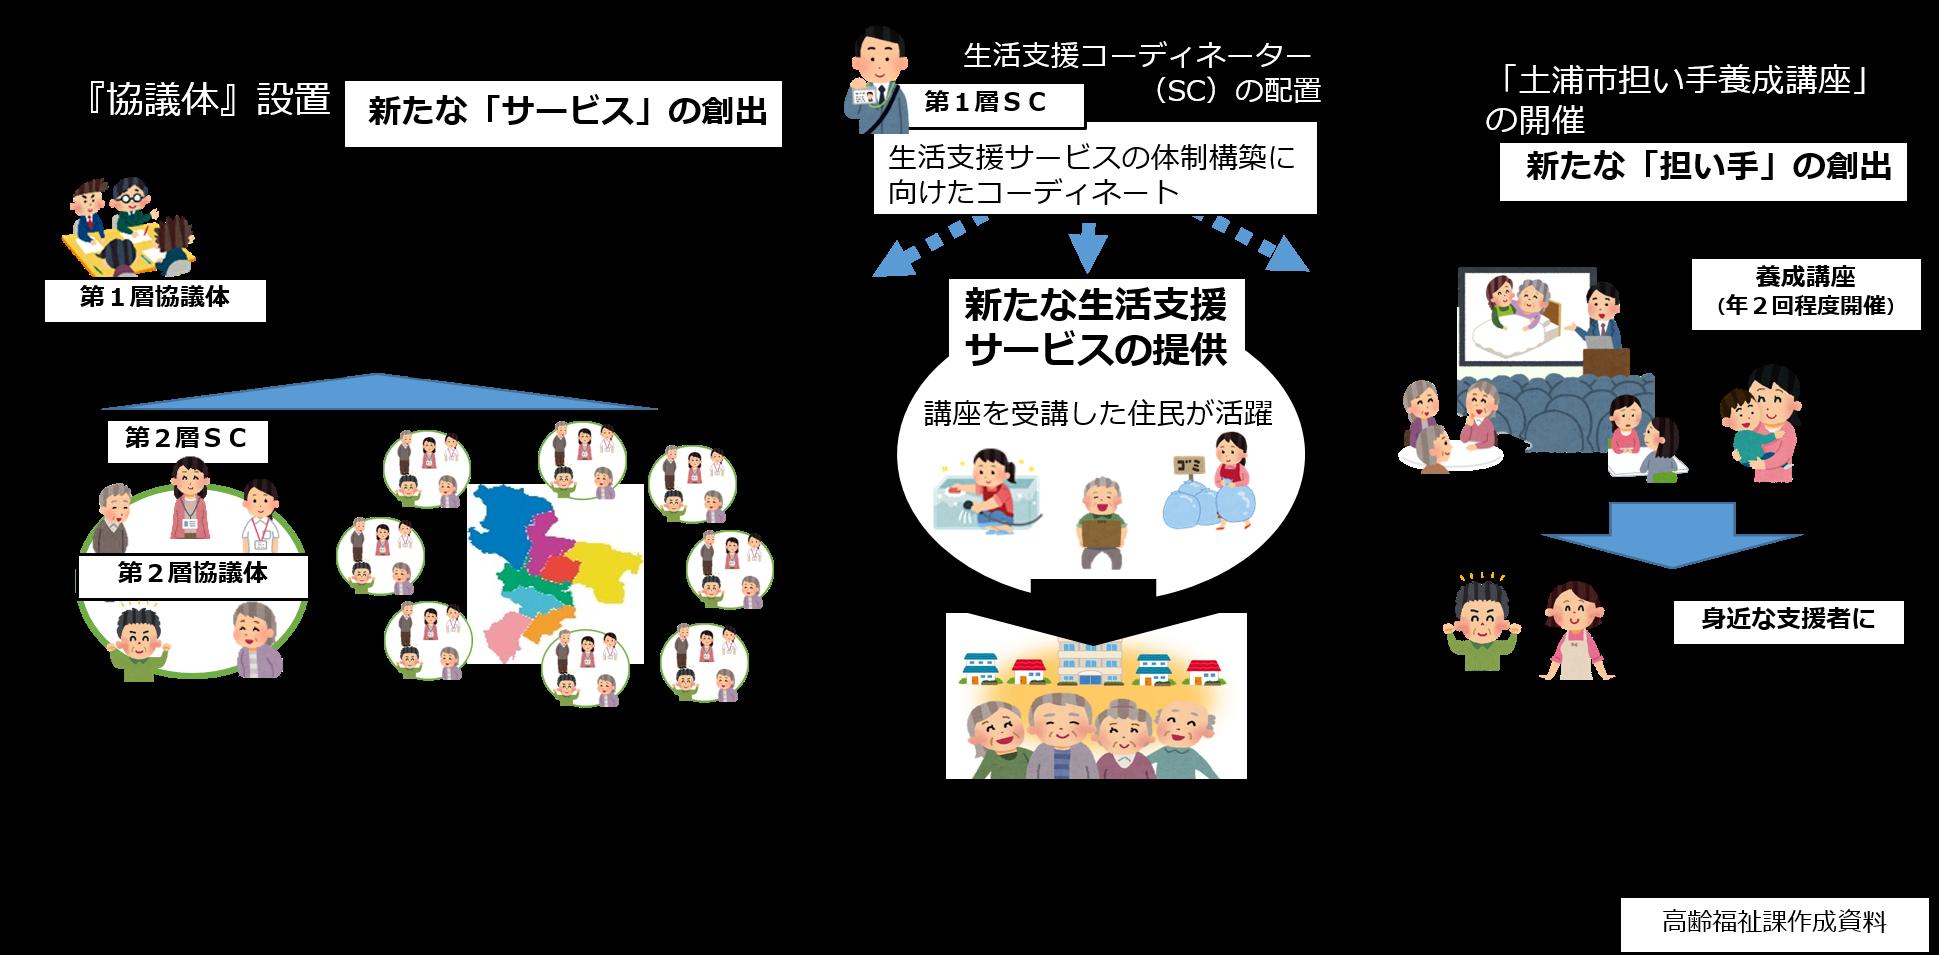 生活支援体制整備事業イメージ